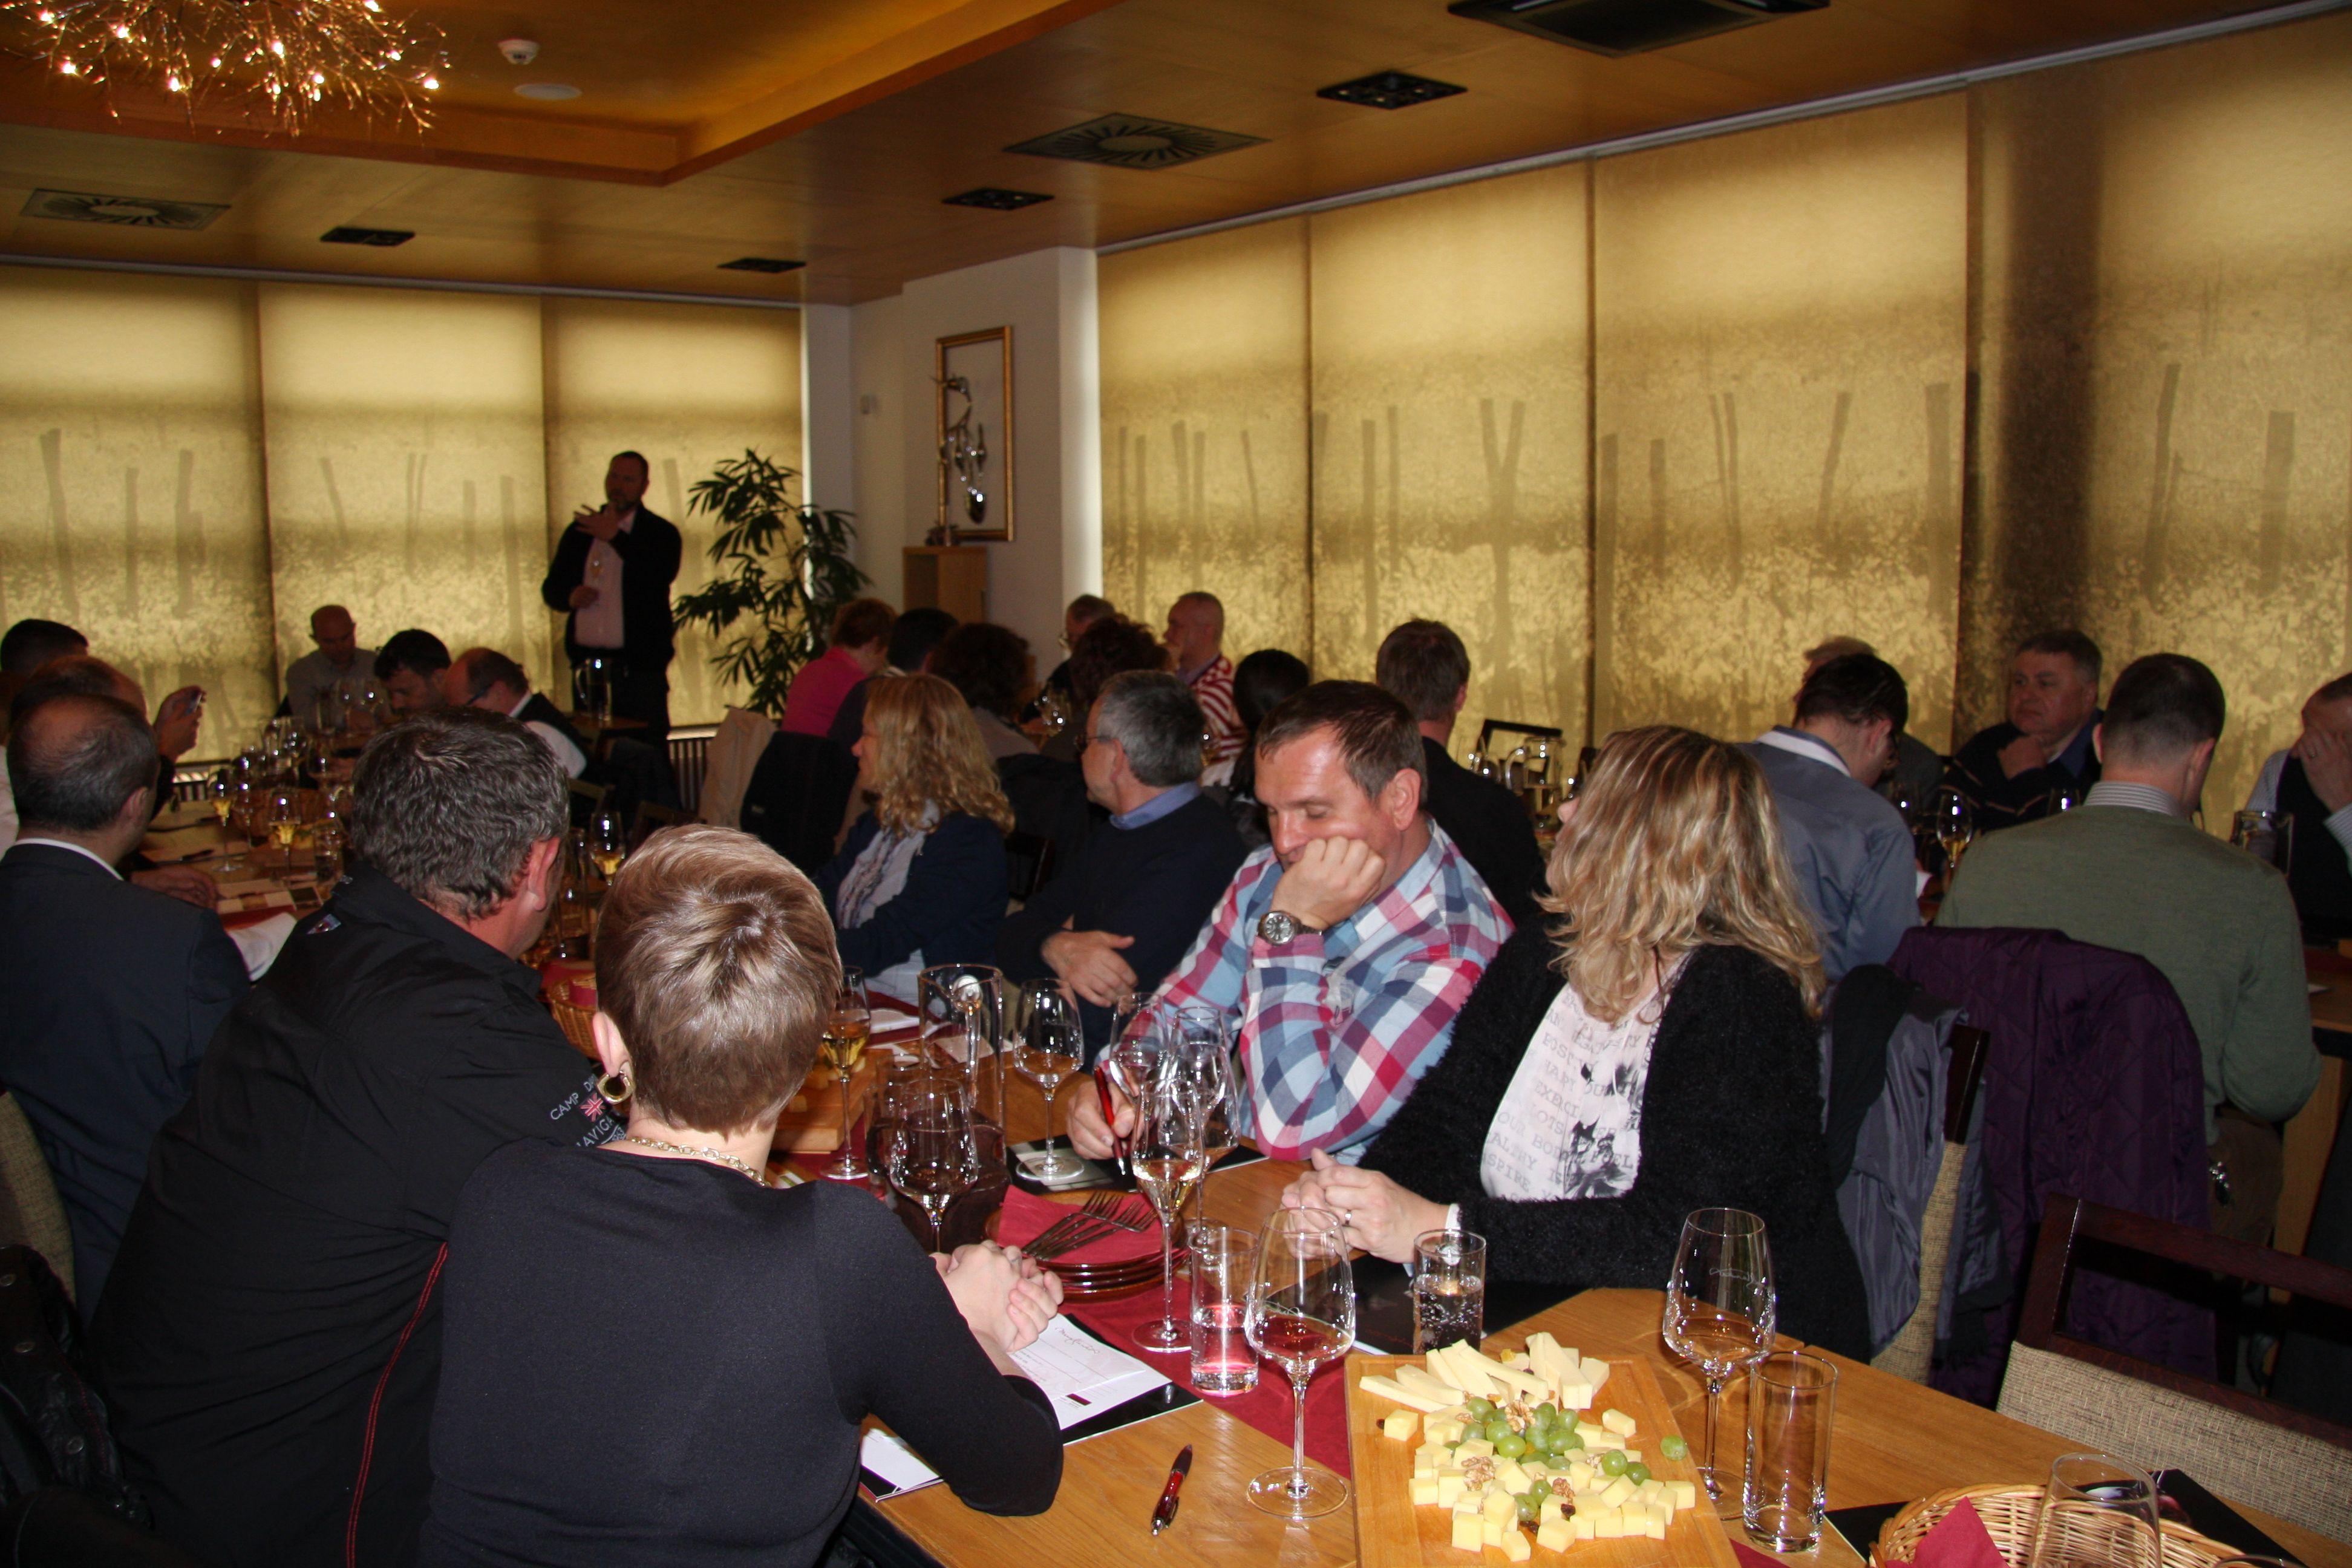 Prezentácia nového ročníka vinárstva Mrva & Stanko v Trnave ... Vladimír Mrva a Peter Stanko predstavili 22 nádherných vín ...www.vinopredaj.sk  #mrvastanko   #vinarstvo   #trnava   #chardonnay   #rizlingrynsky   #rizlingvlassky   #veltlinskezelene   #winery   #cachtice   #vinodol   #mrva   #stanko #winesfromslovakia   #dunaj   #pinotnoir   #cabernetsauvignon   #degustacia   #ochutnavka   #tasting   #inmedio   #obchodsvinom   #vinoteka   #muskatzlty   #chardonnay   #surlie   #vinohradnictvo